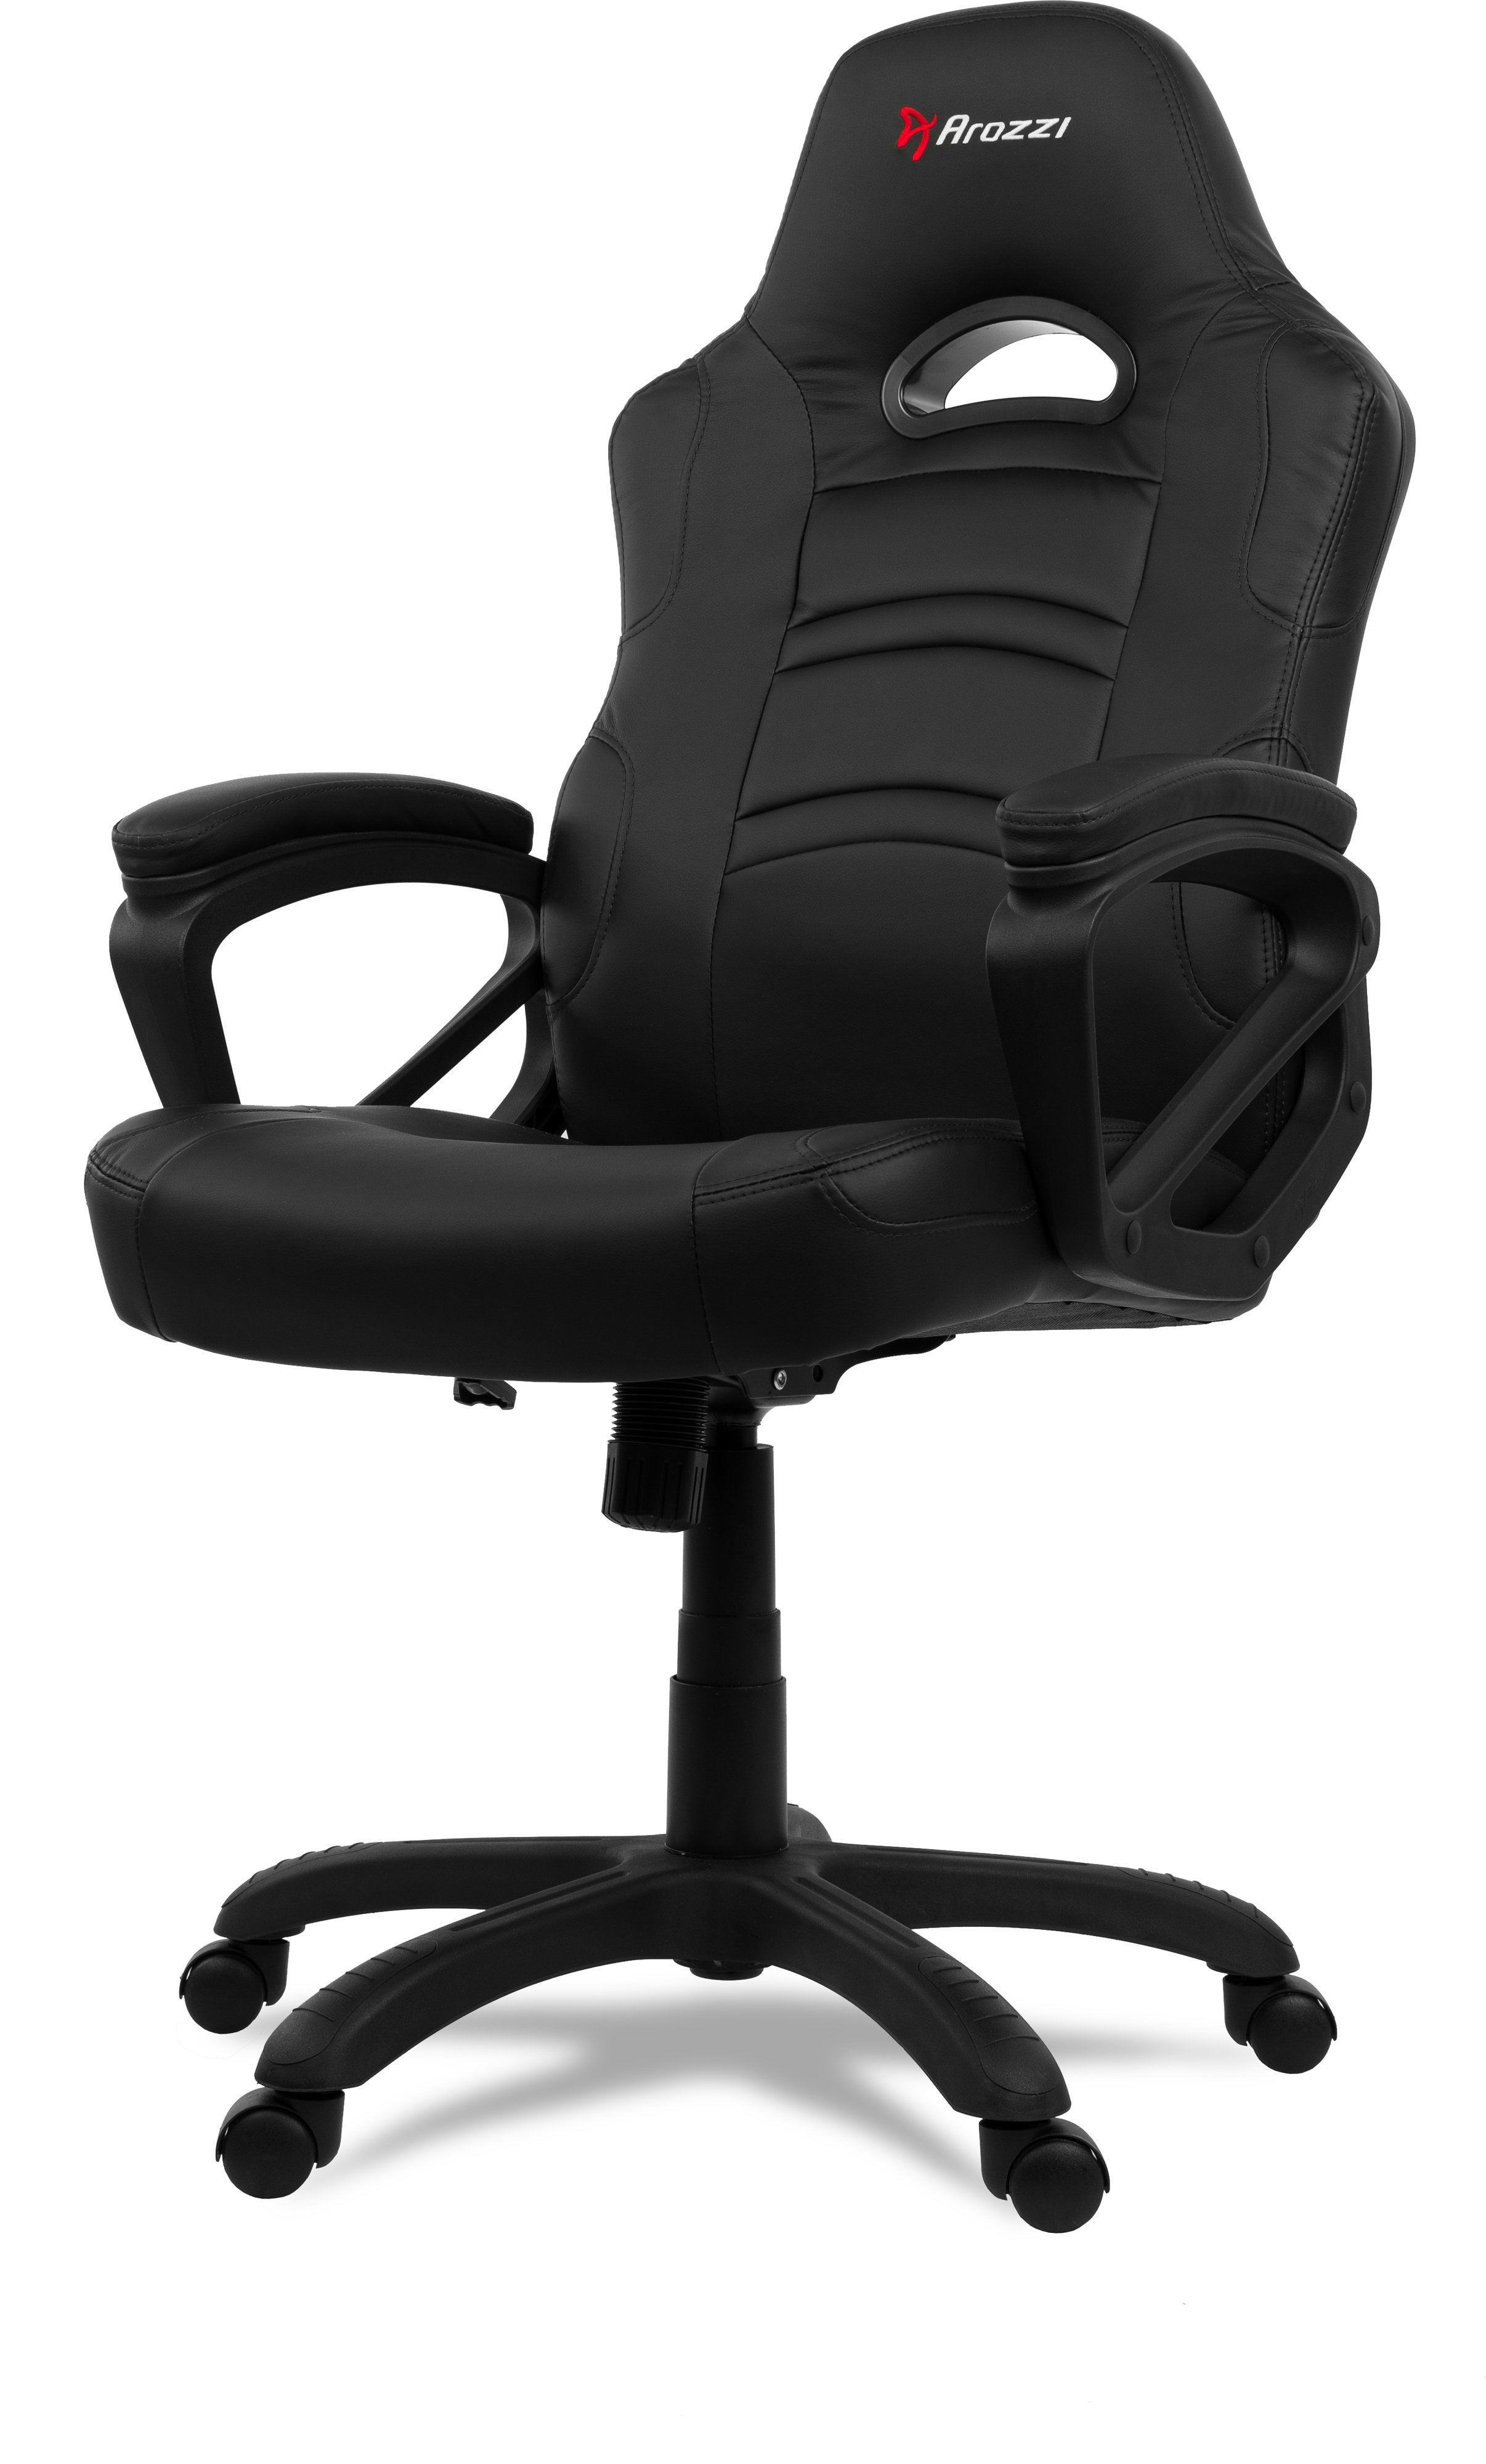 Racer Pro III työtuoli/pelituoli (musta/harmaa/beige)